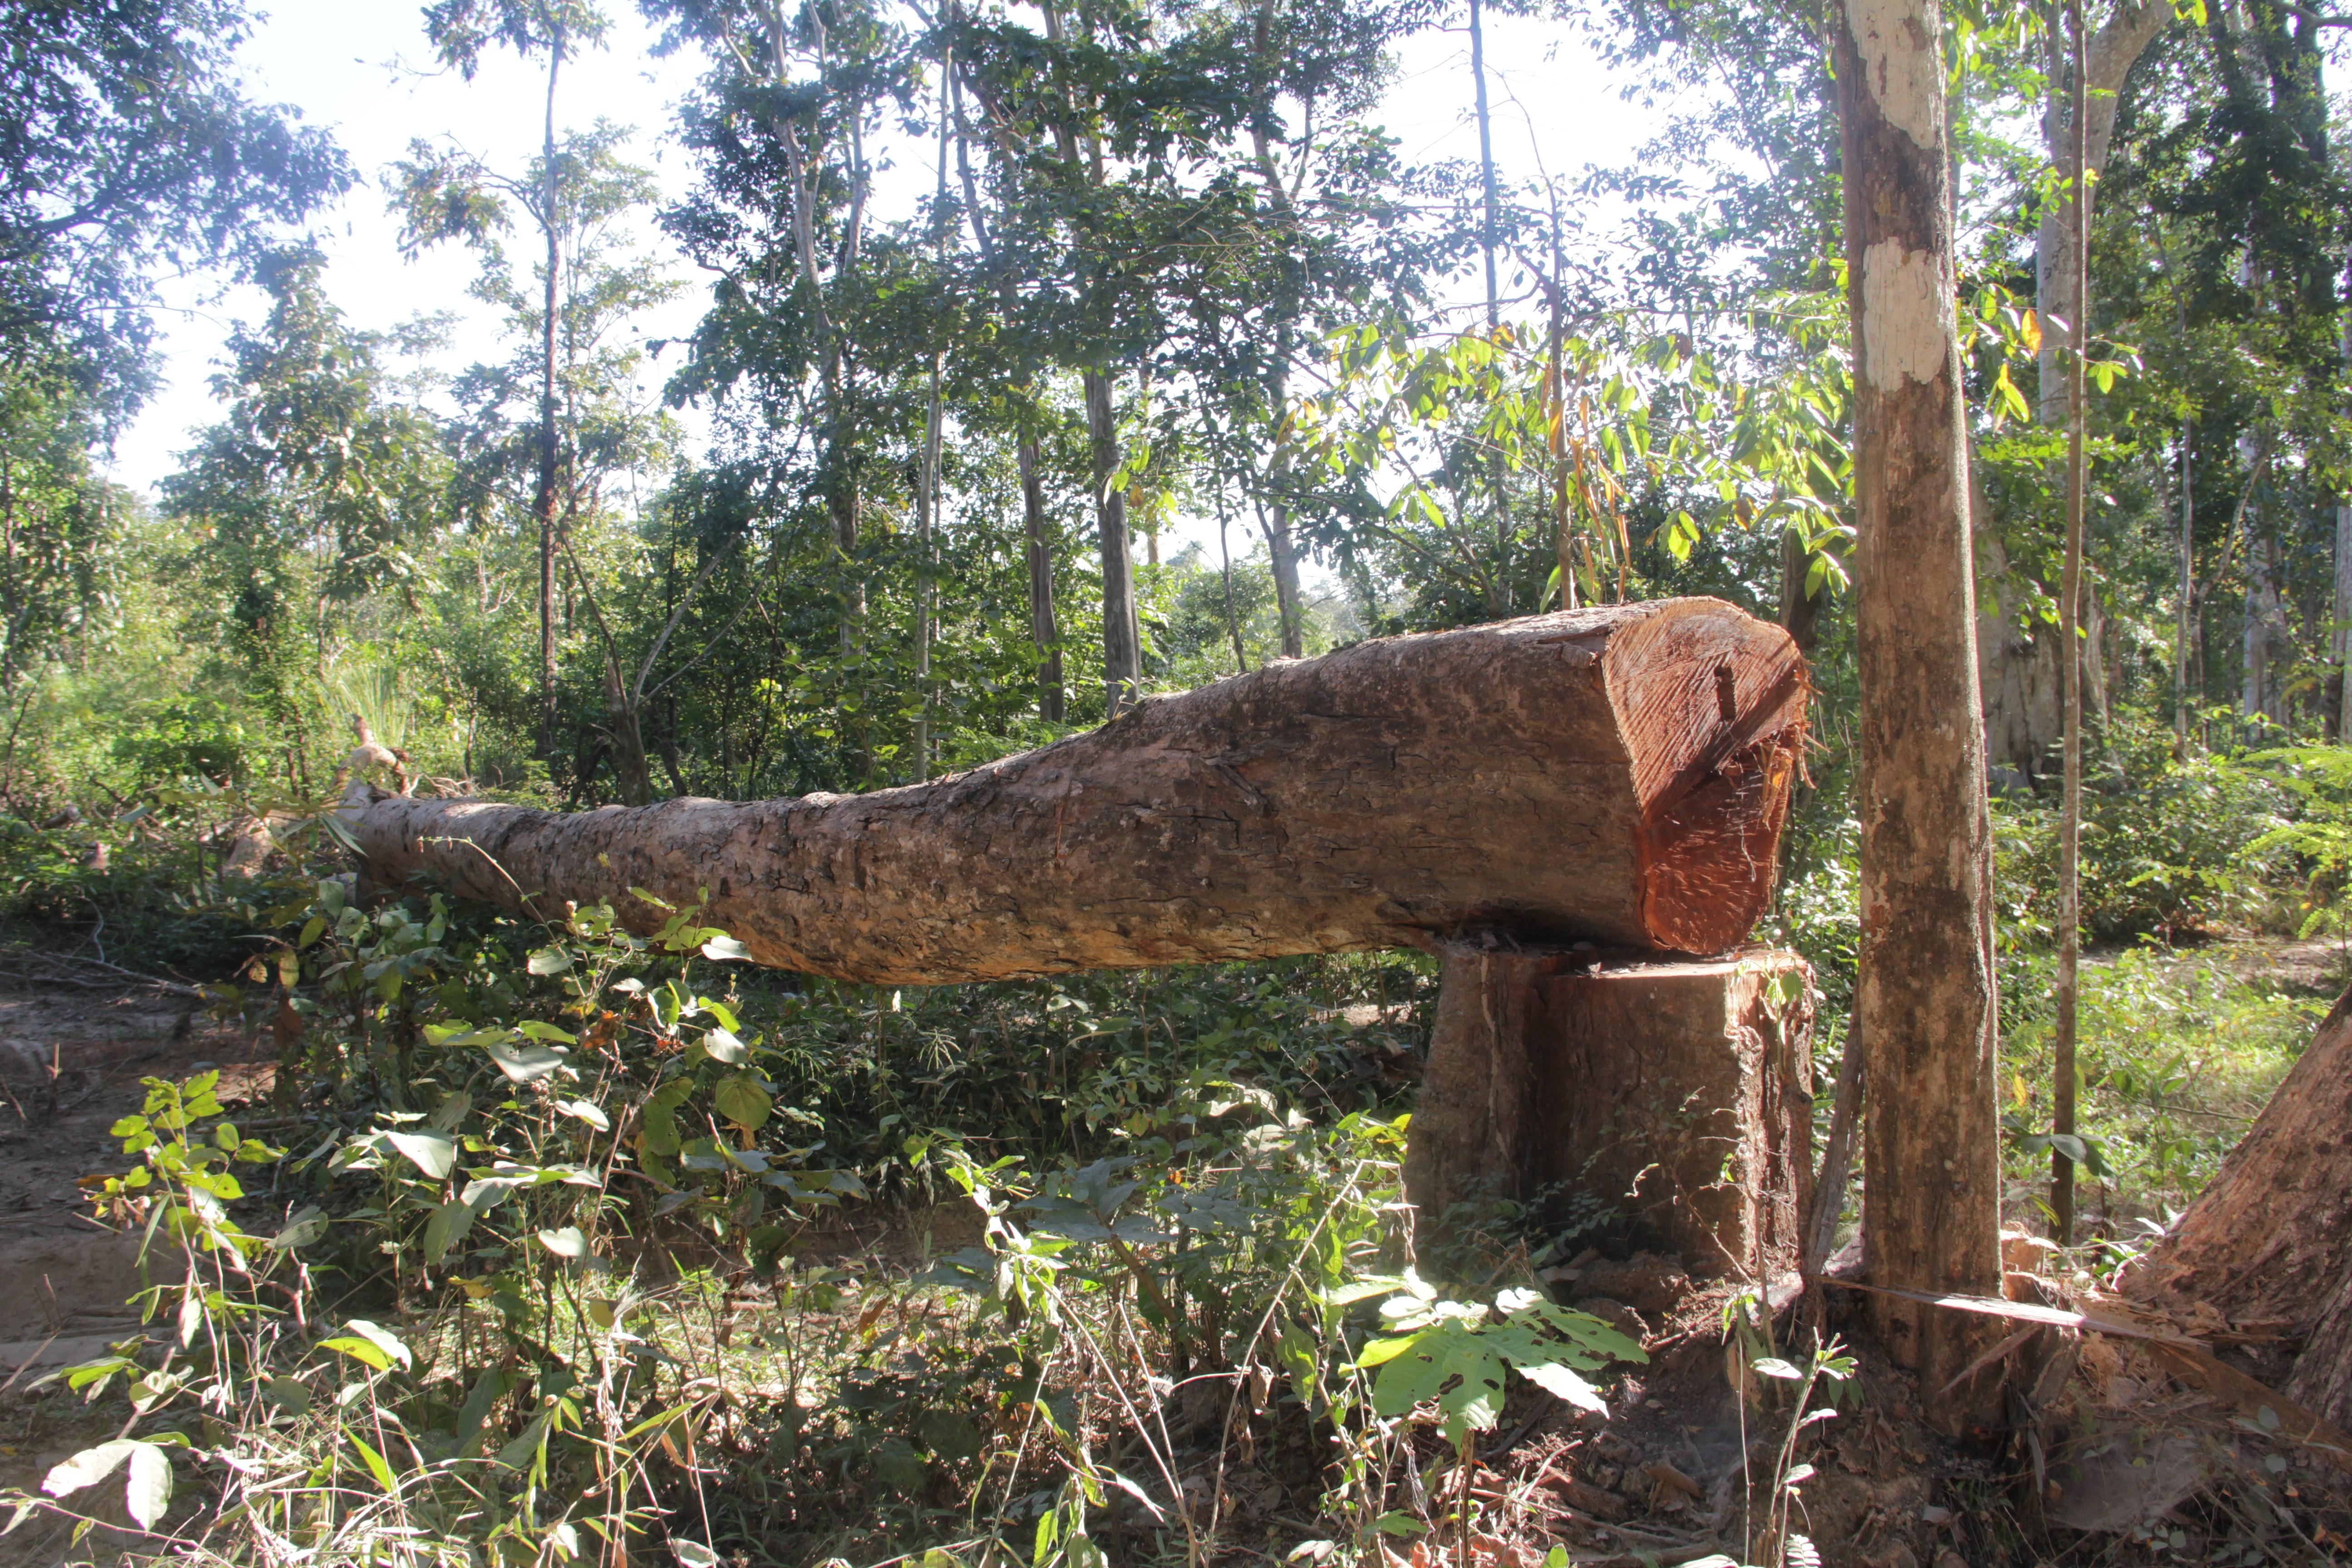 Le bois précieux, de couleur rougeâtre, se fait de plus en plus rare dans la forêt de Veun Sai Siem Pang (© Jérôme Decoster).